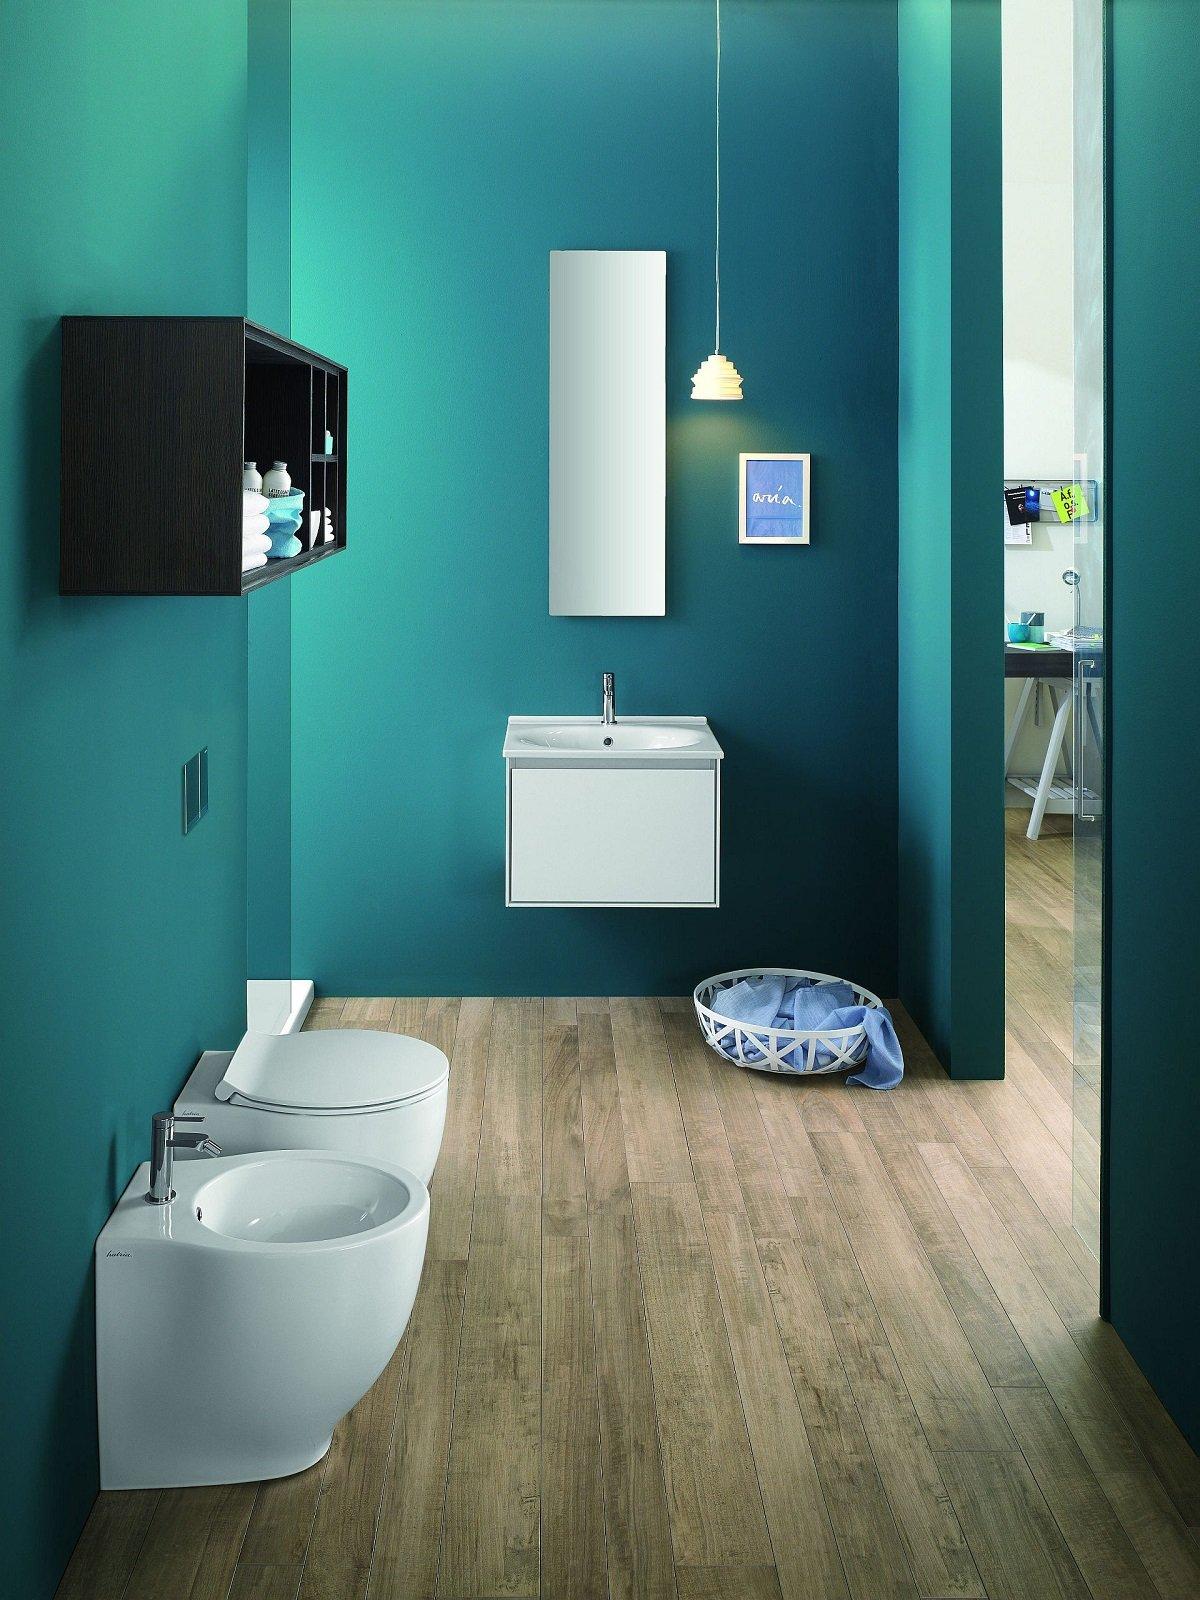 Ristrutturare il bagno sostituzione dei sanitari pi - Misure scarichi bagno ...